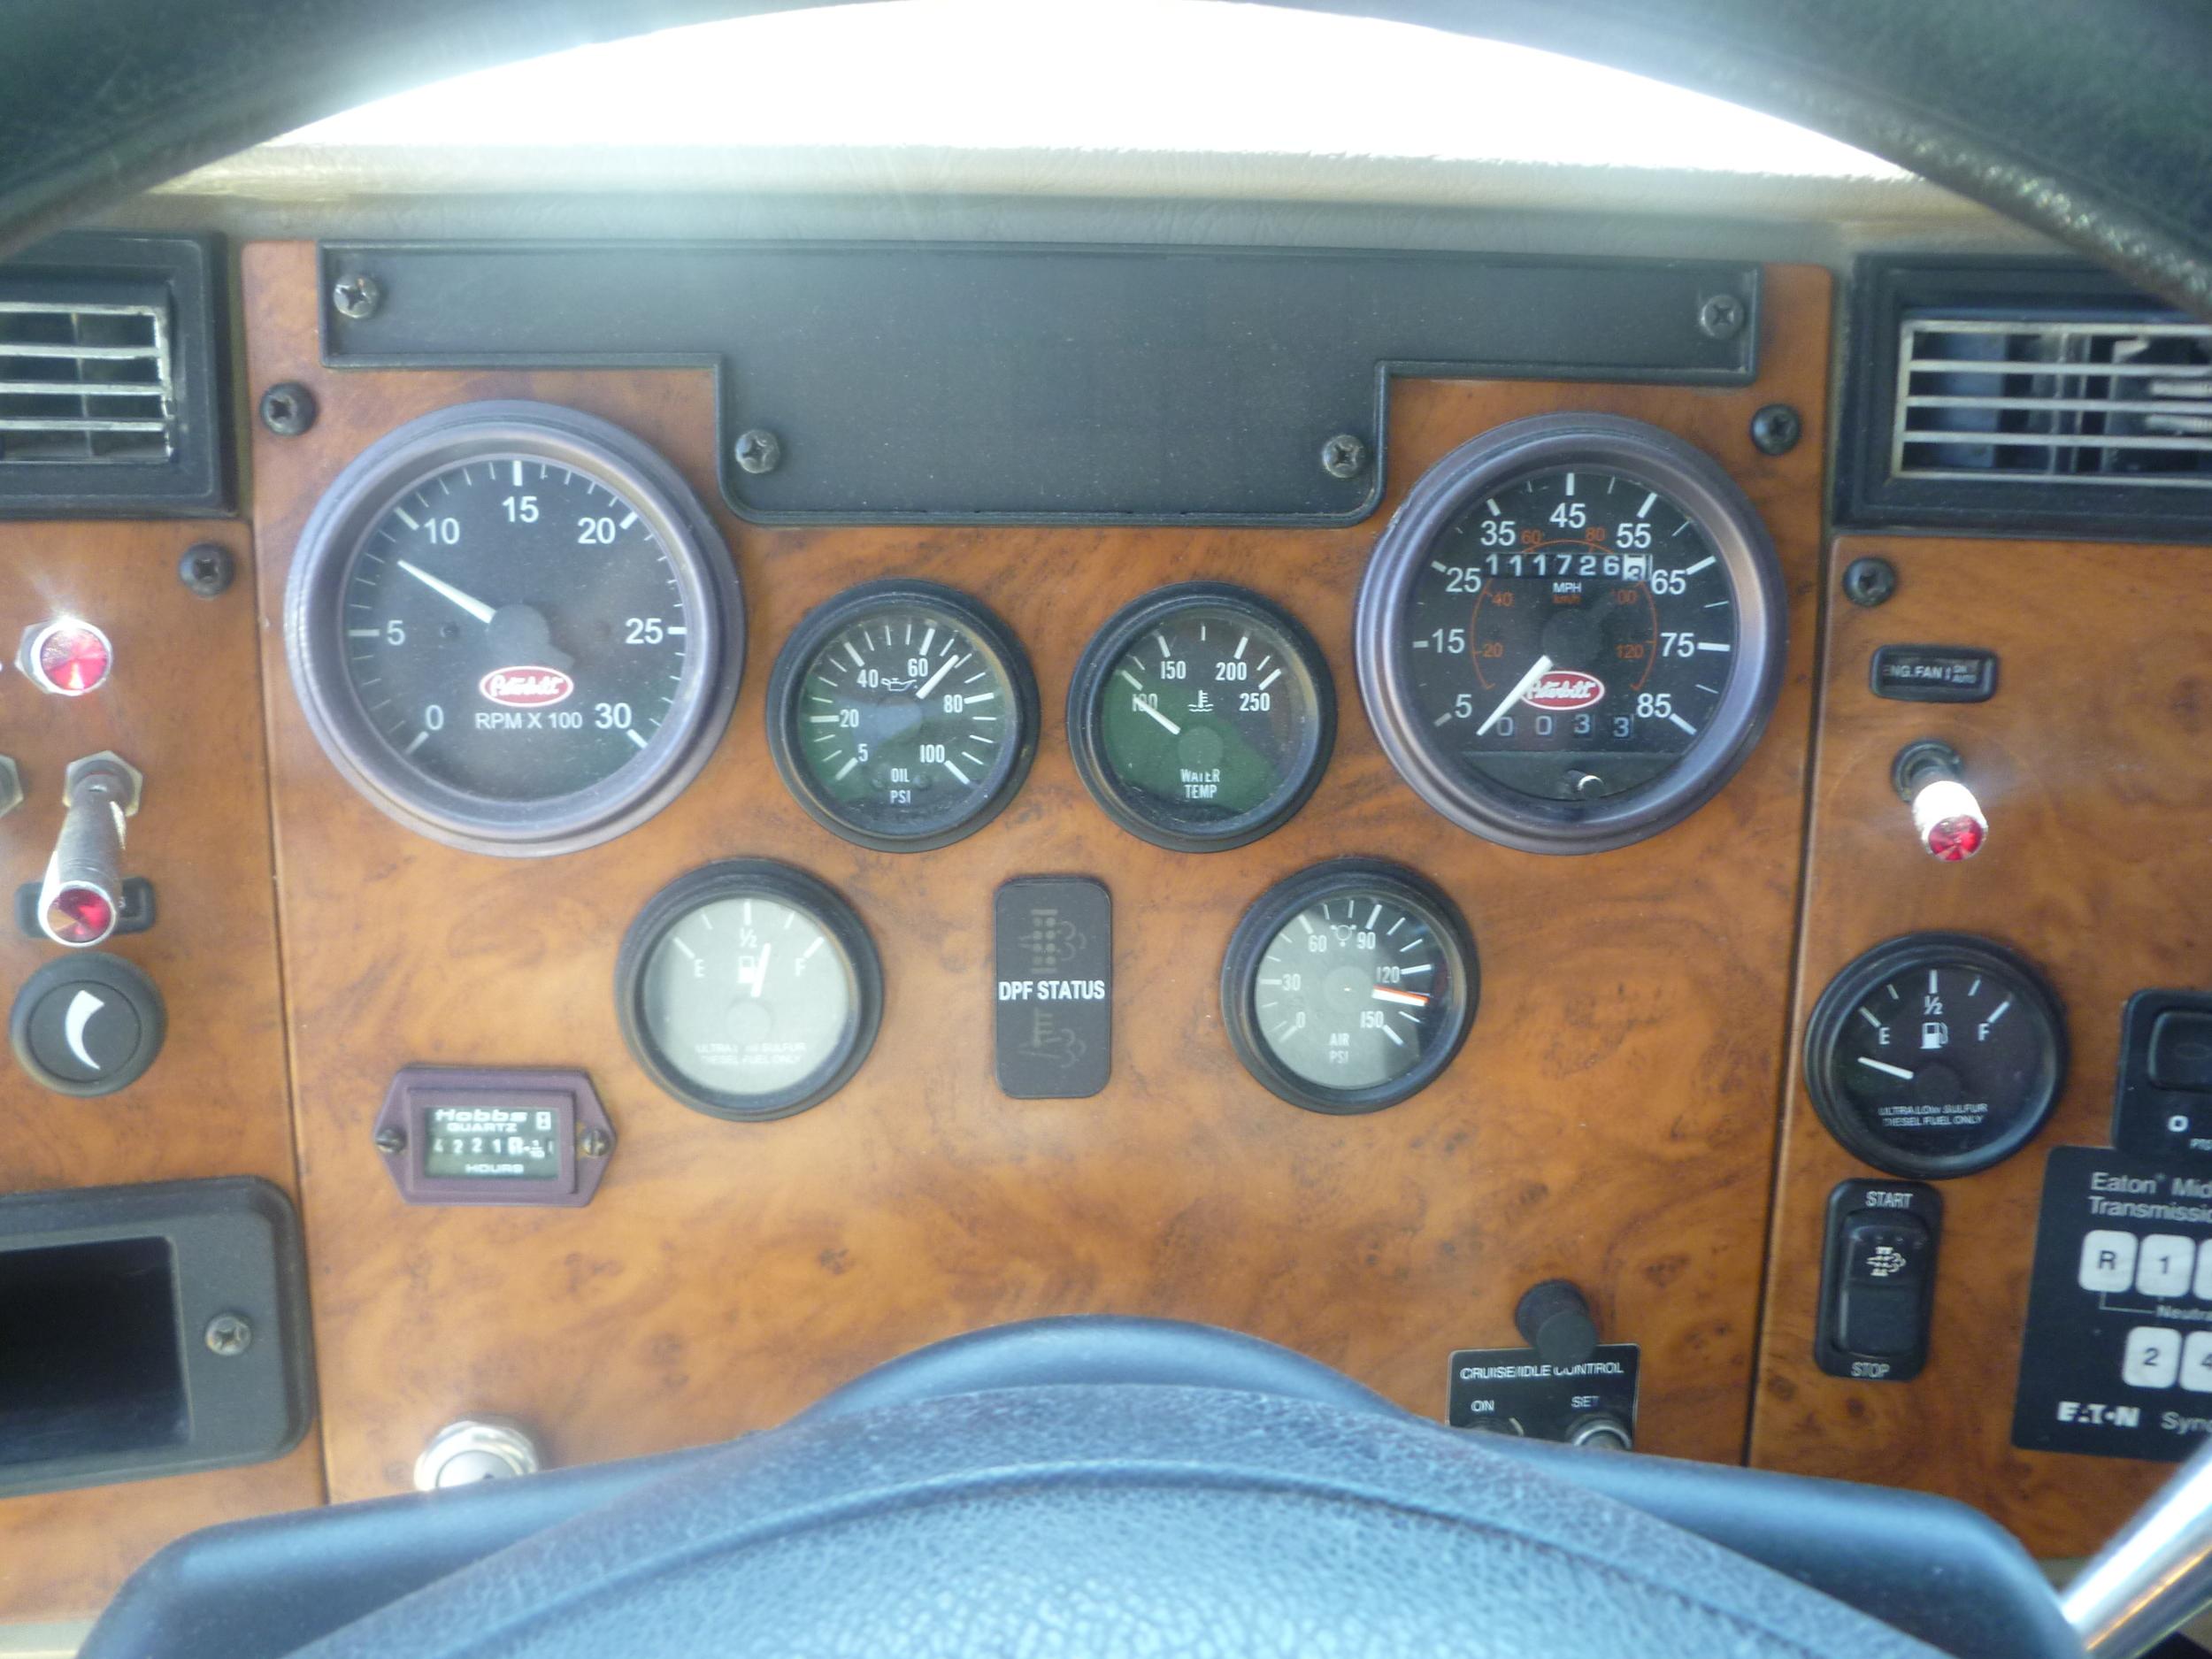 2009 Peterbilt service truck_05.JPG